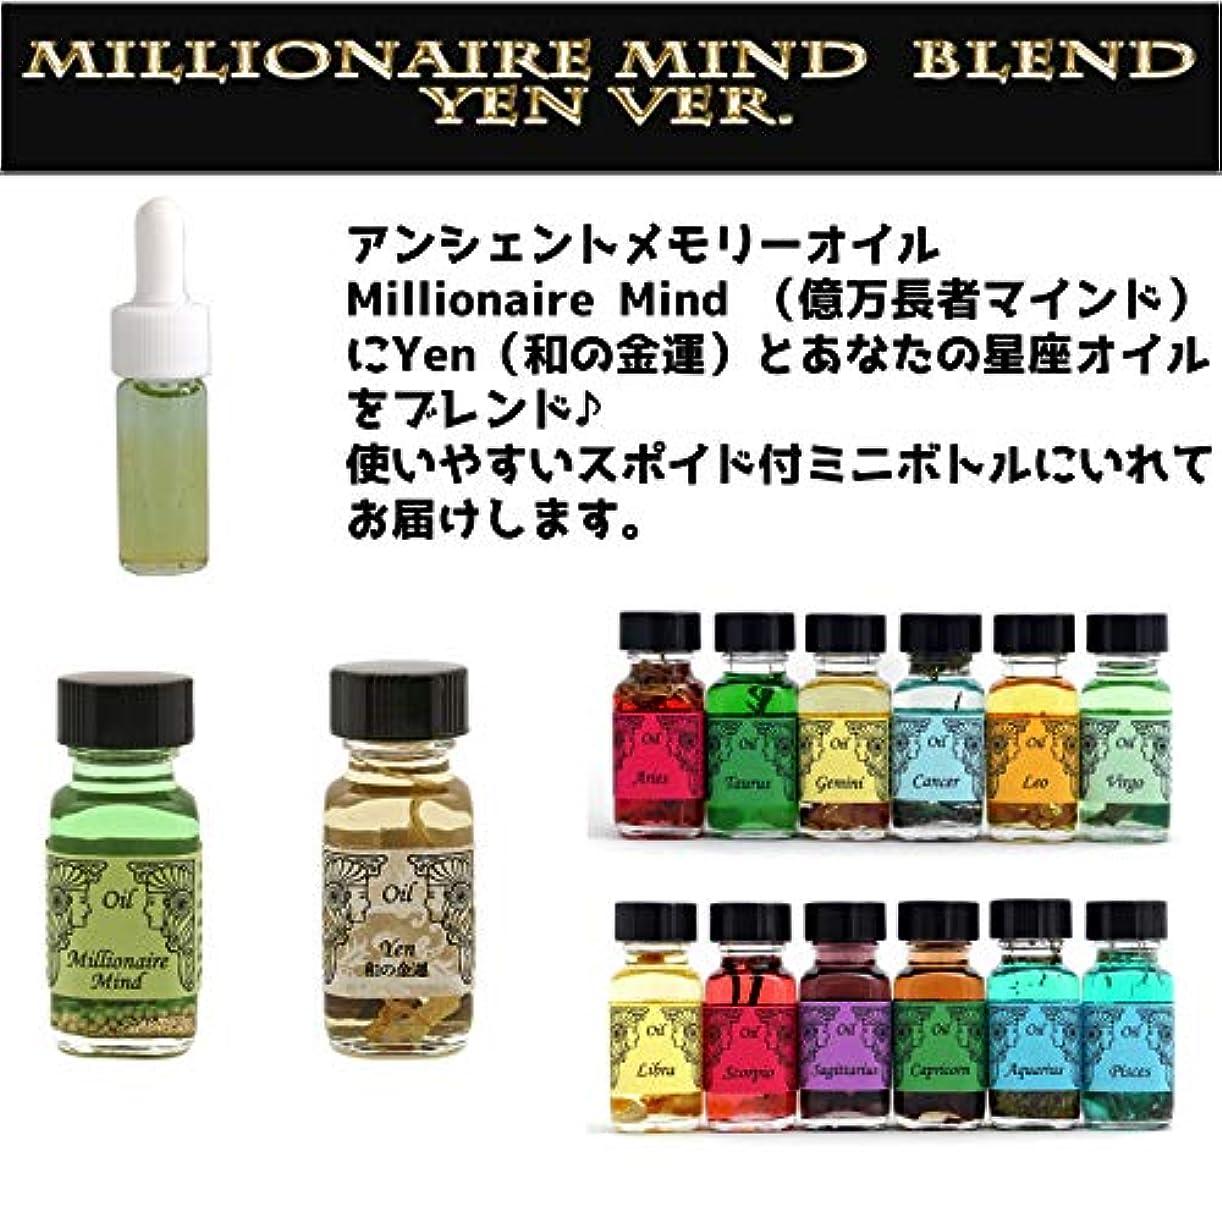 キャロラインパノラマめまいアンシェントメモリーオイル Millionaire Mind 億万長者マインド ブレンド【Yen 和の金運&さそり座】